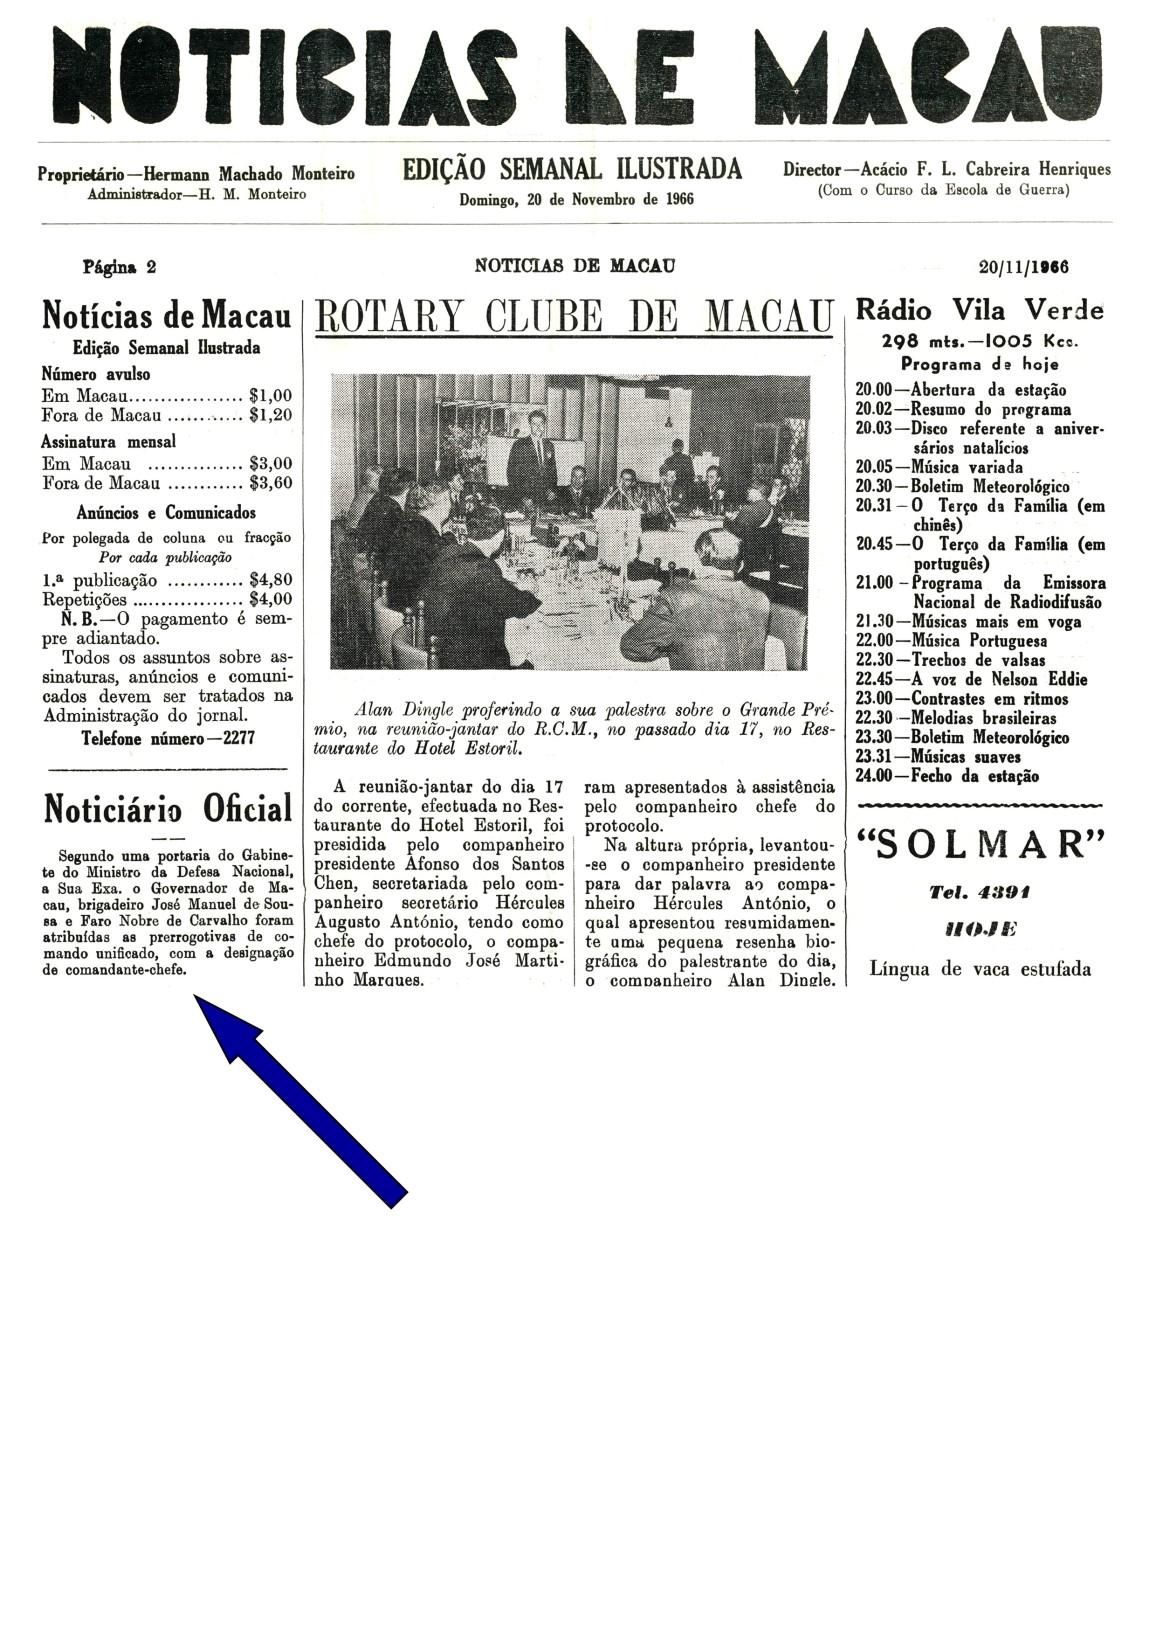 00465 966-11-20 notícia de Governador ter sido nomeado Comandante-Chefe por Portaria -Jornal Notícias de Macau pág 2